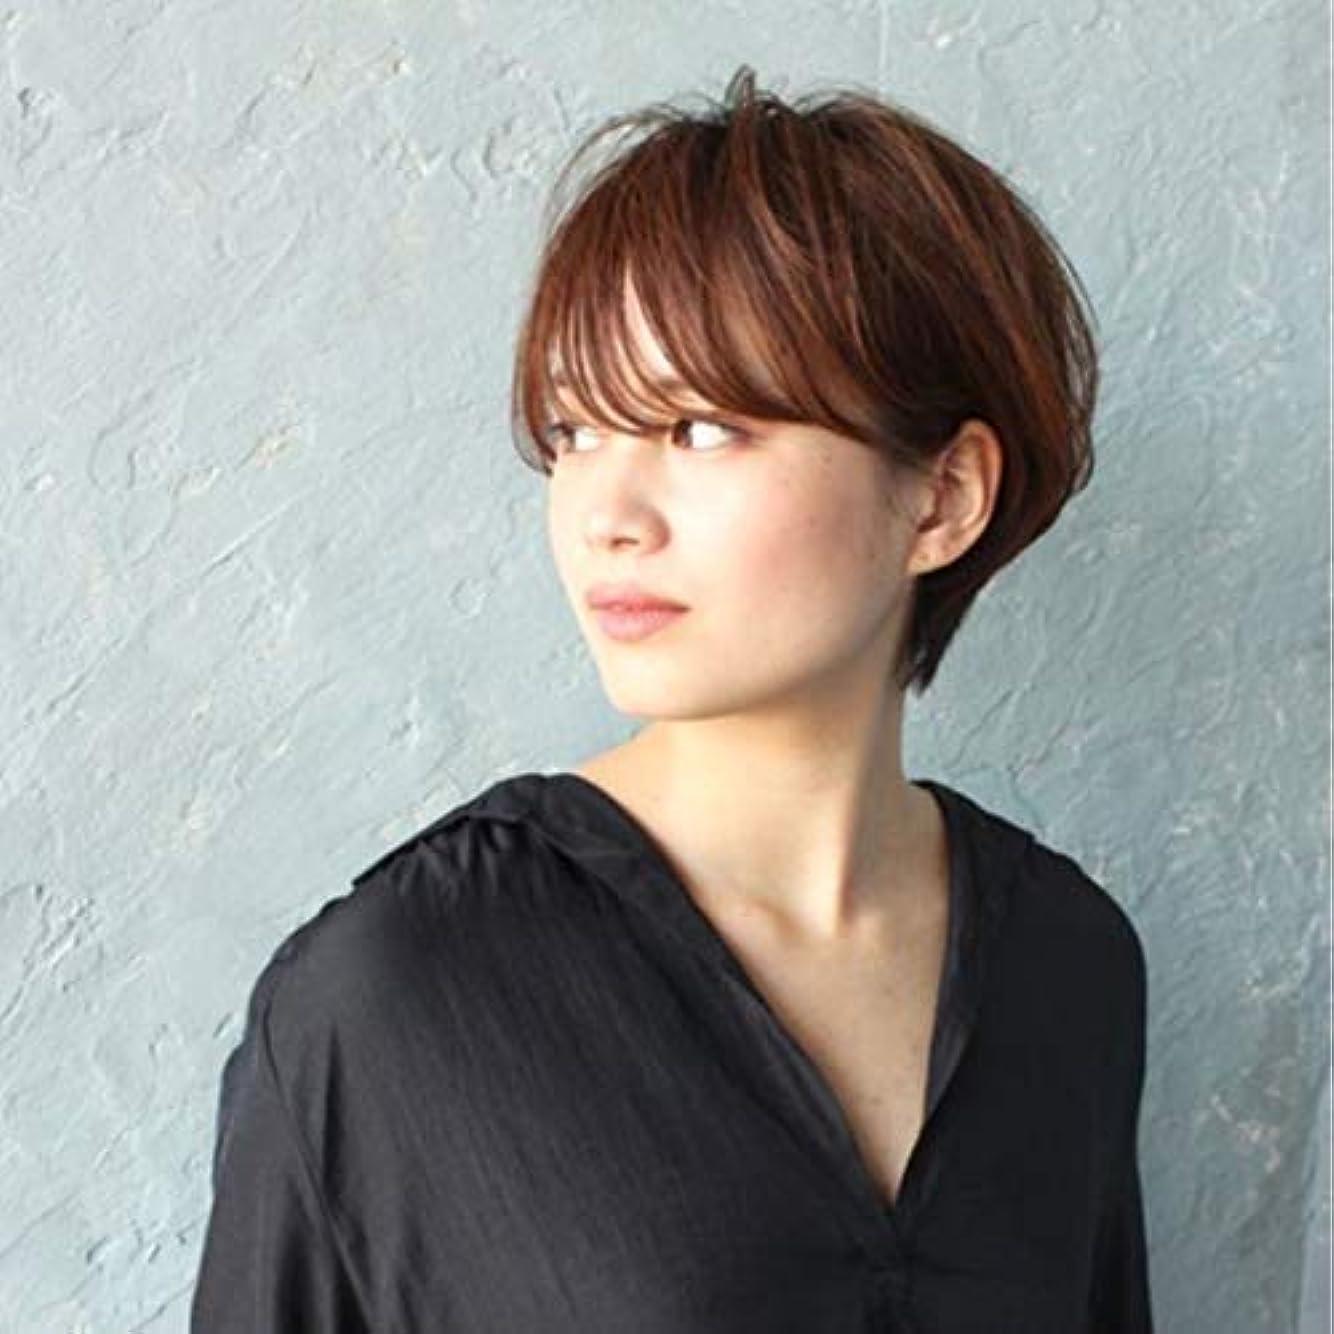 累計その舌なKerwinner ウィッグショートヘア斜め前髪ウィッグヘッドギア自然に見える耐熱性女性用 (Color : Light brown)